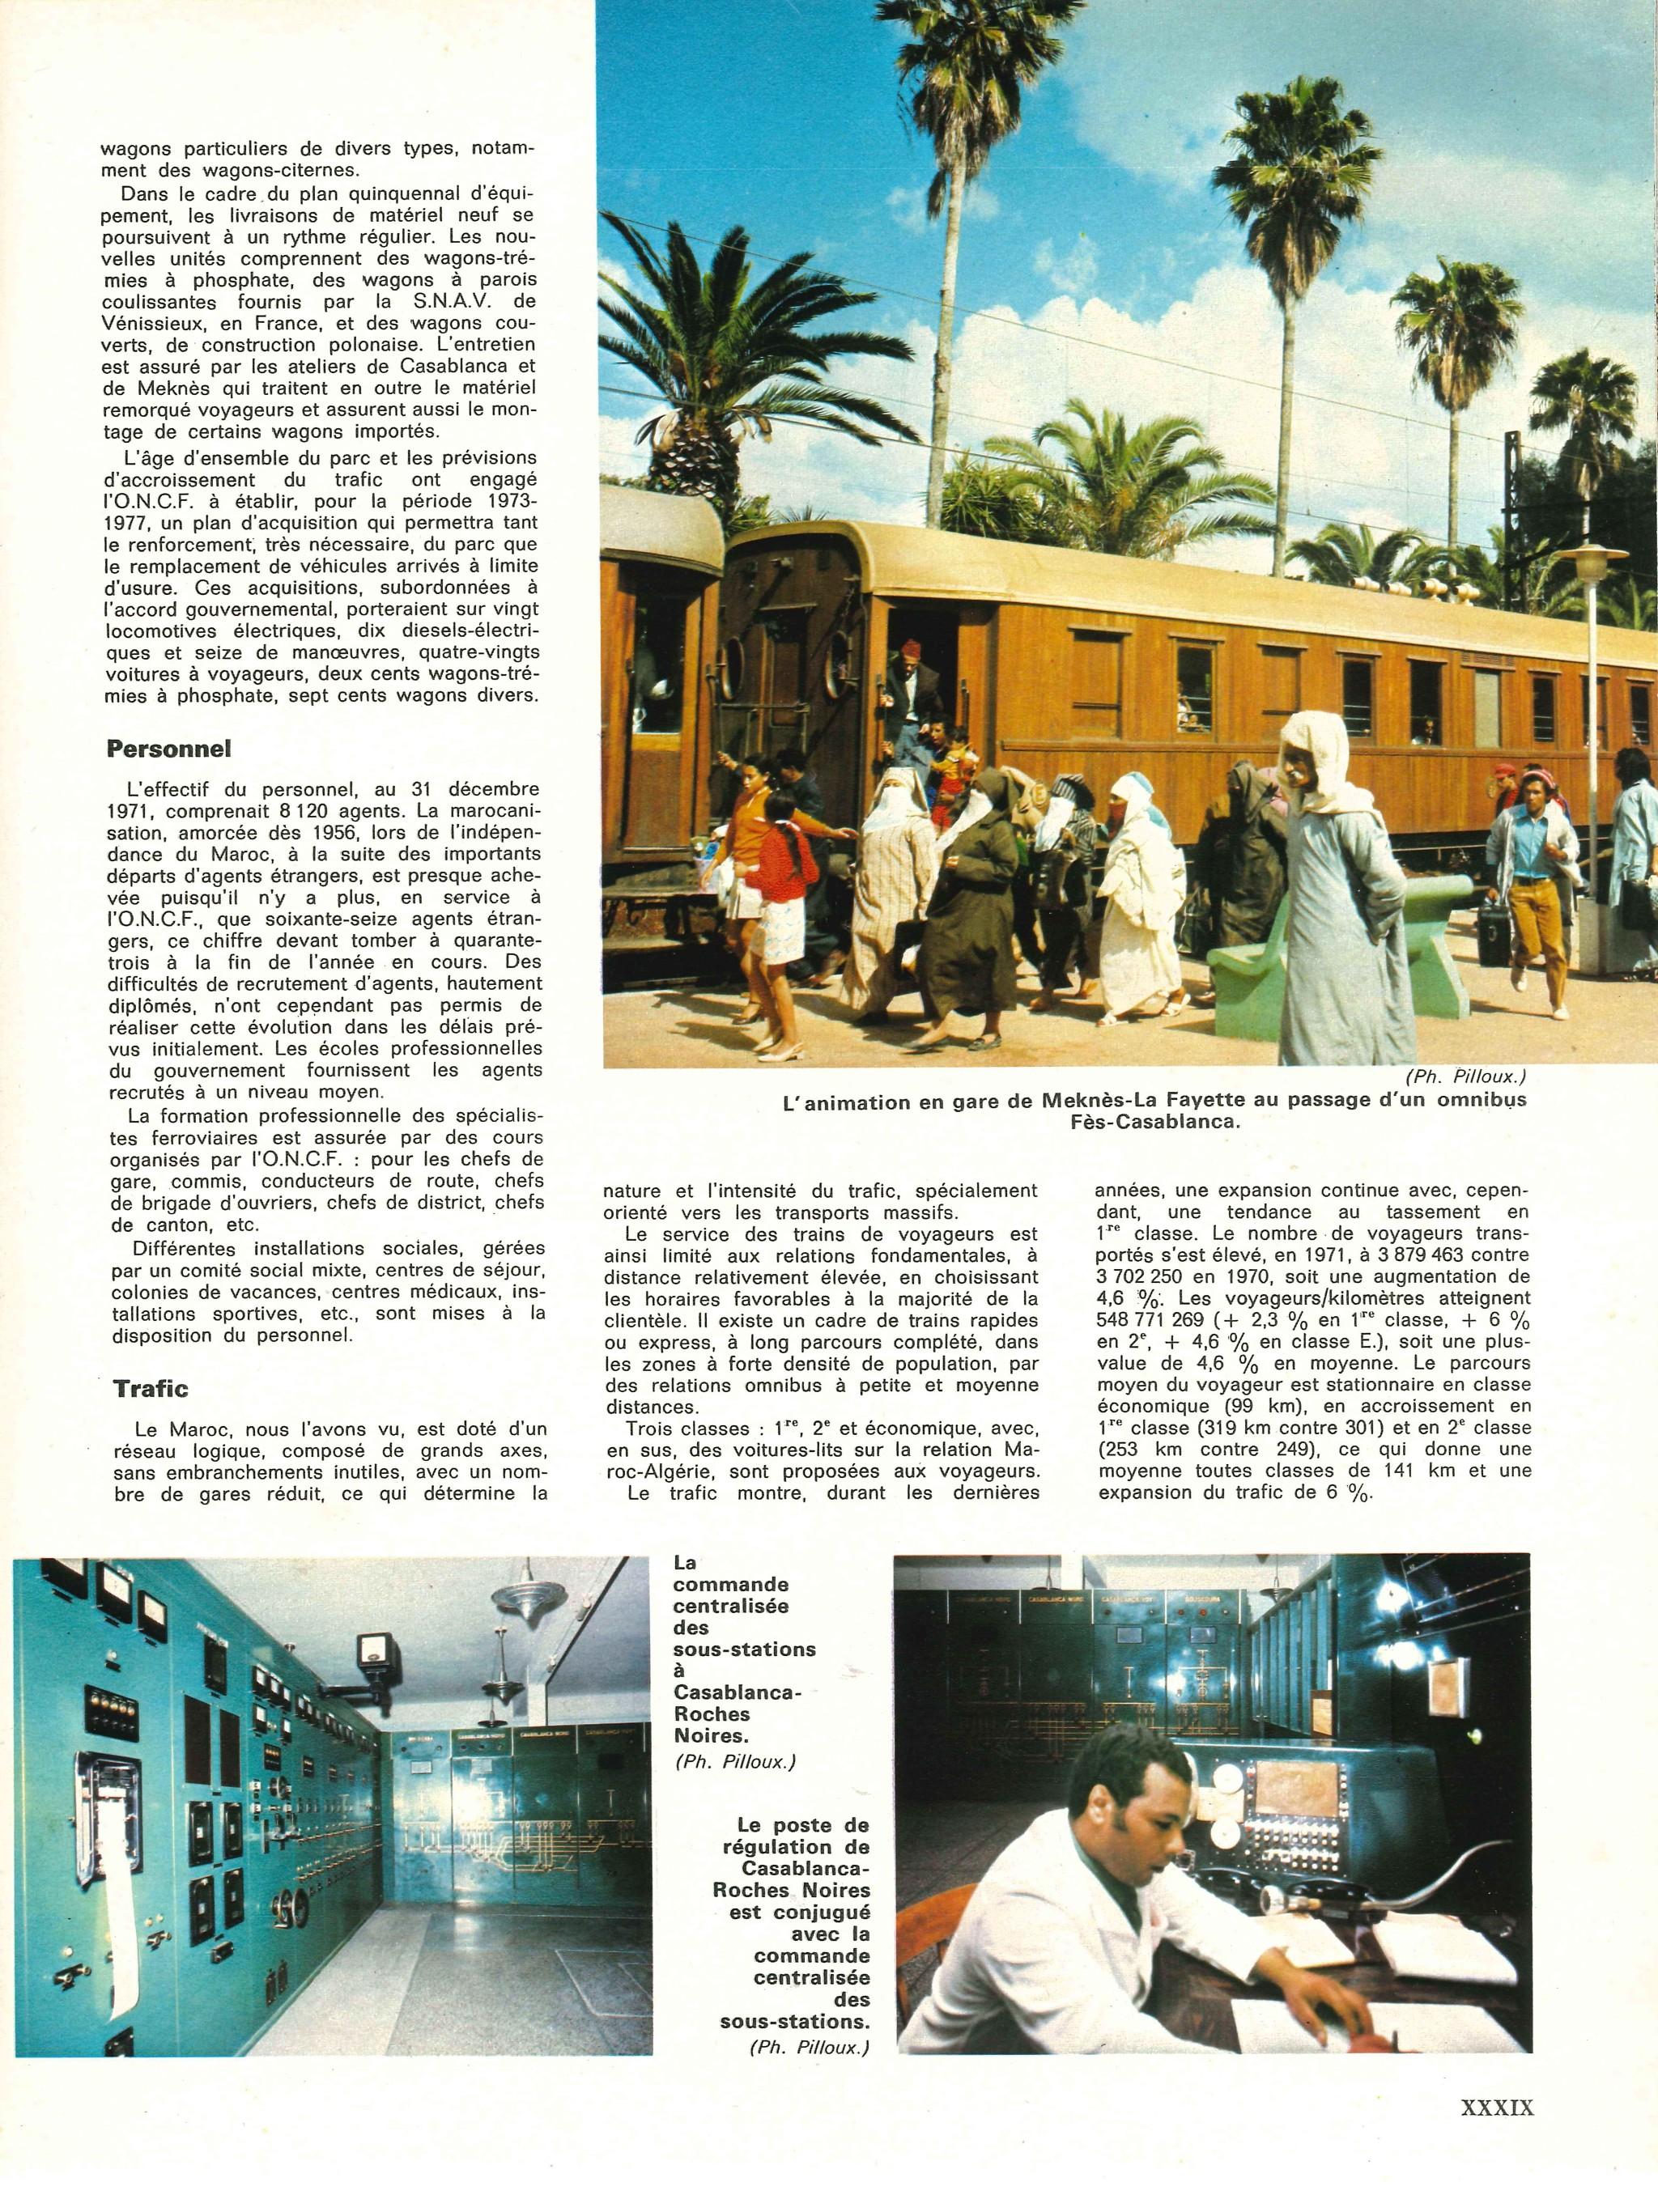 Chemins de Fer au Maroc - ONCF  - Page 2 49430046697_f9b648557c_3k